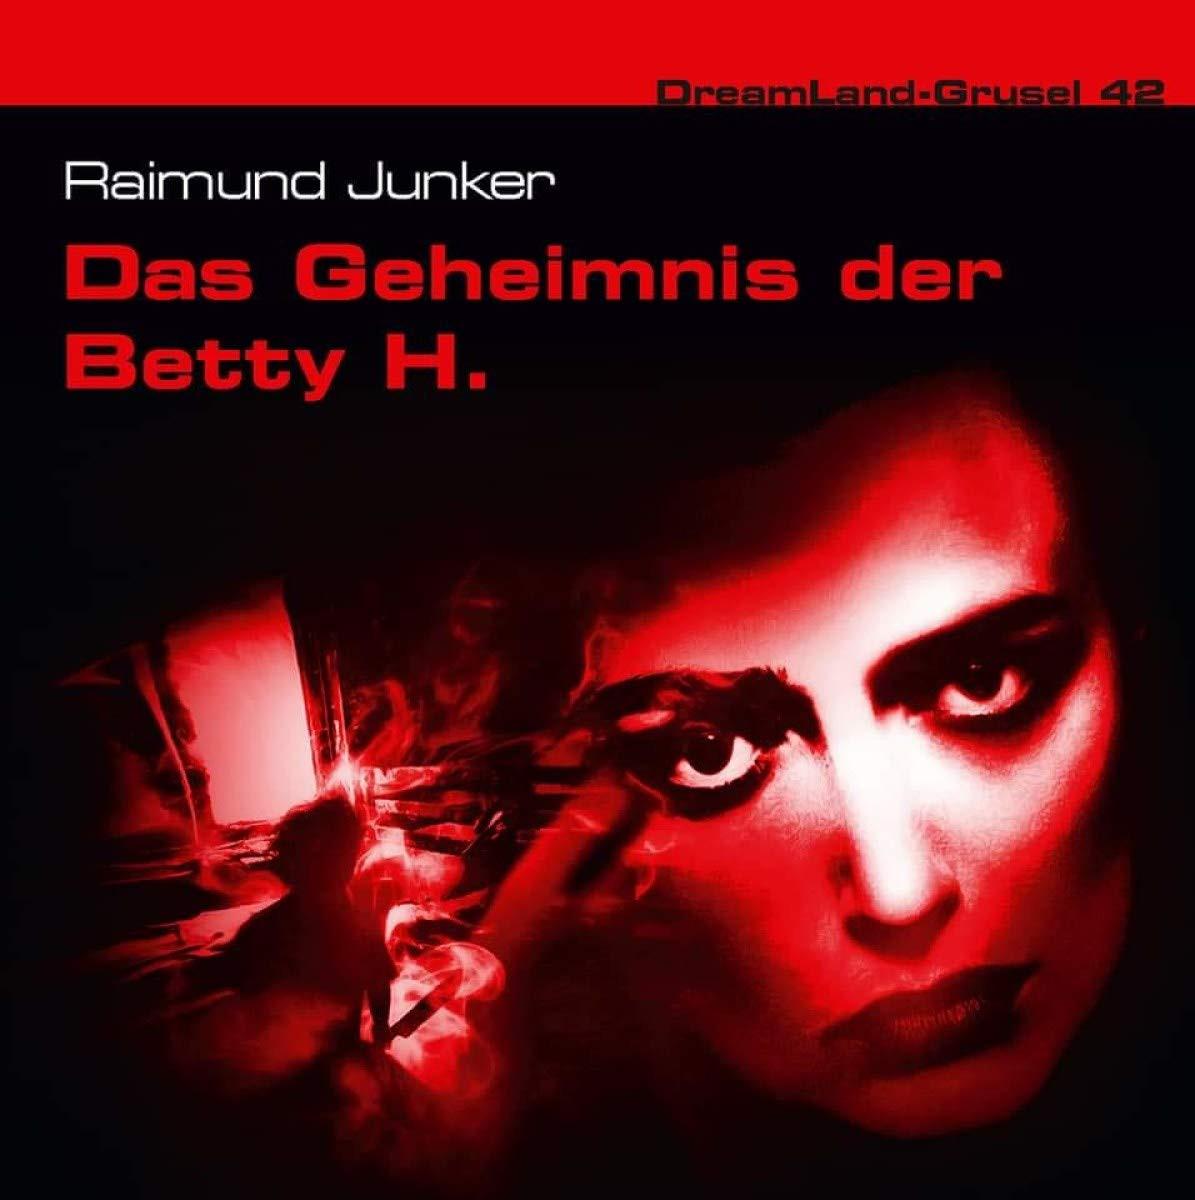 Dreamland Grusel - 42 - Das Geheimnis der Betty H.